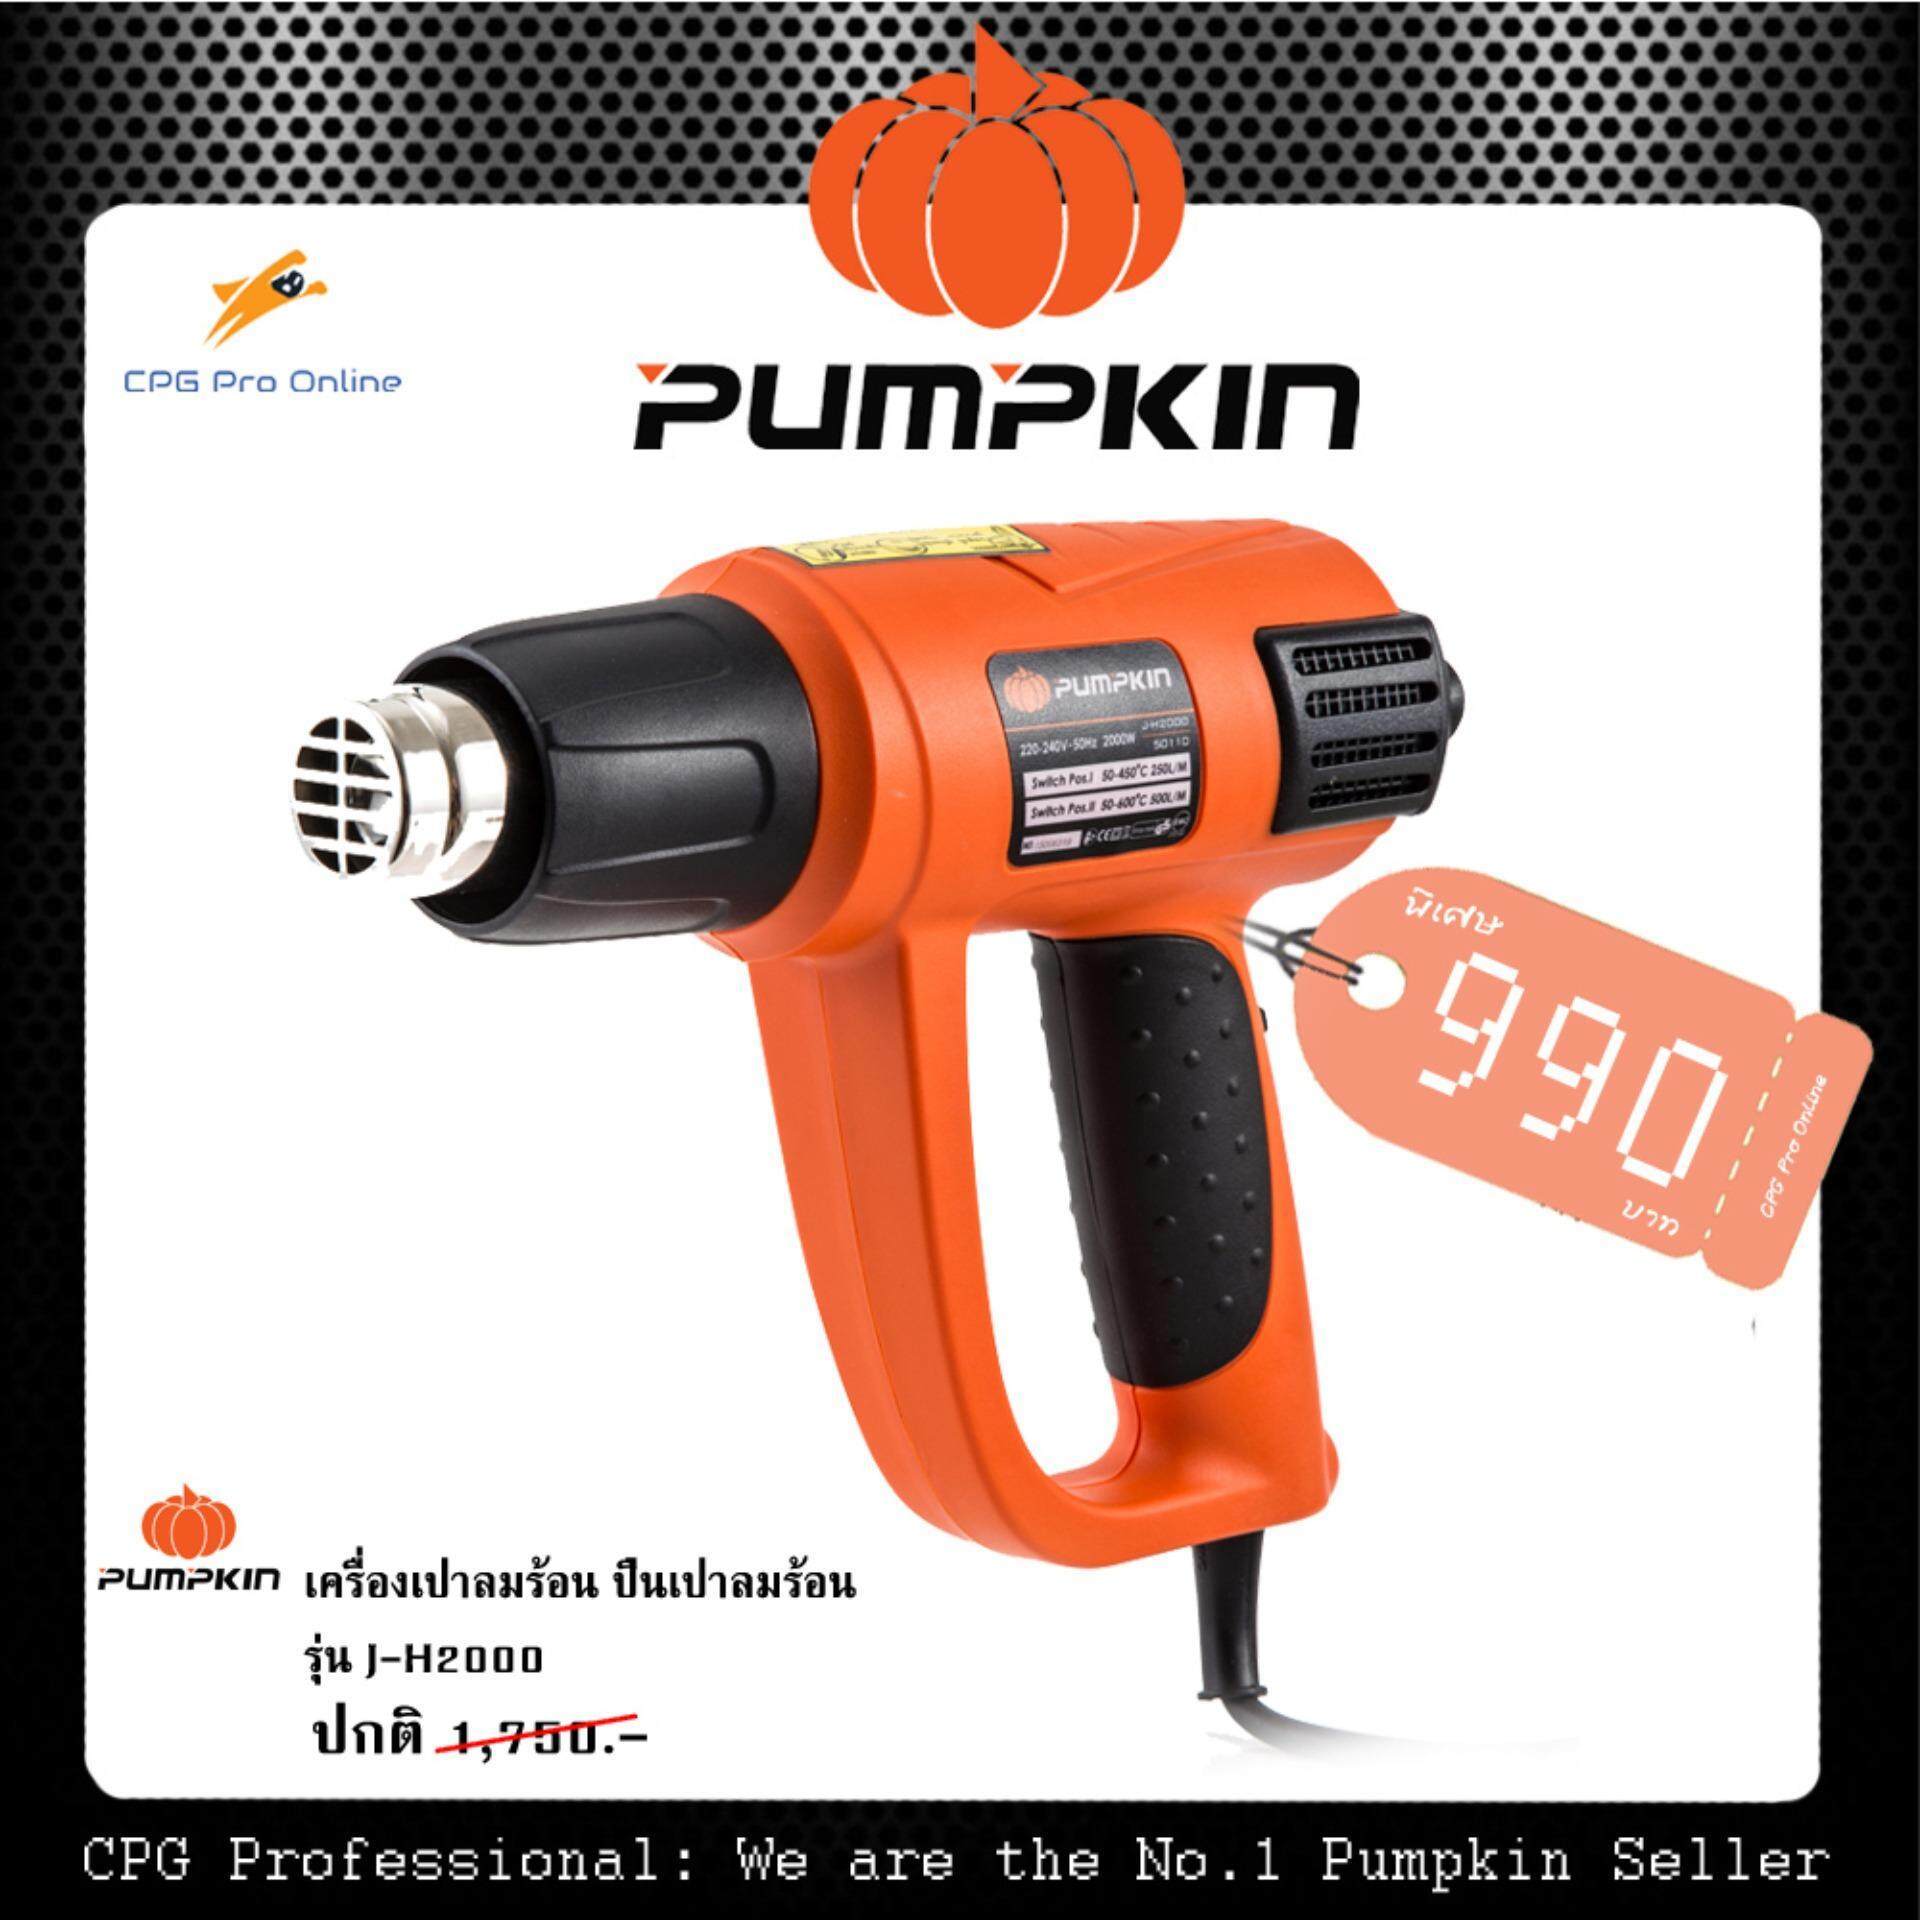 ซื้อ Pumpkin เครื่องเป่าลมร้อน รุ่น J H2000 สินค้าขายอันดับ 1 รับประกัน ของใหม่ แกะกล่อง ใหม่ล่าสุด